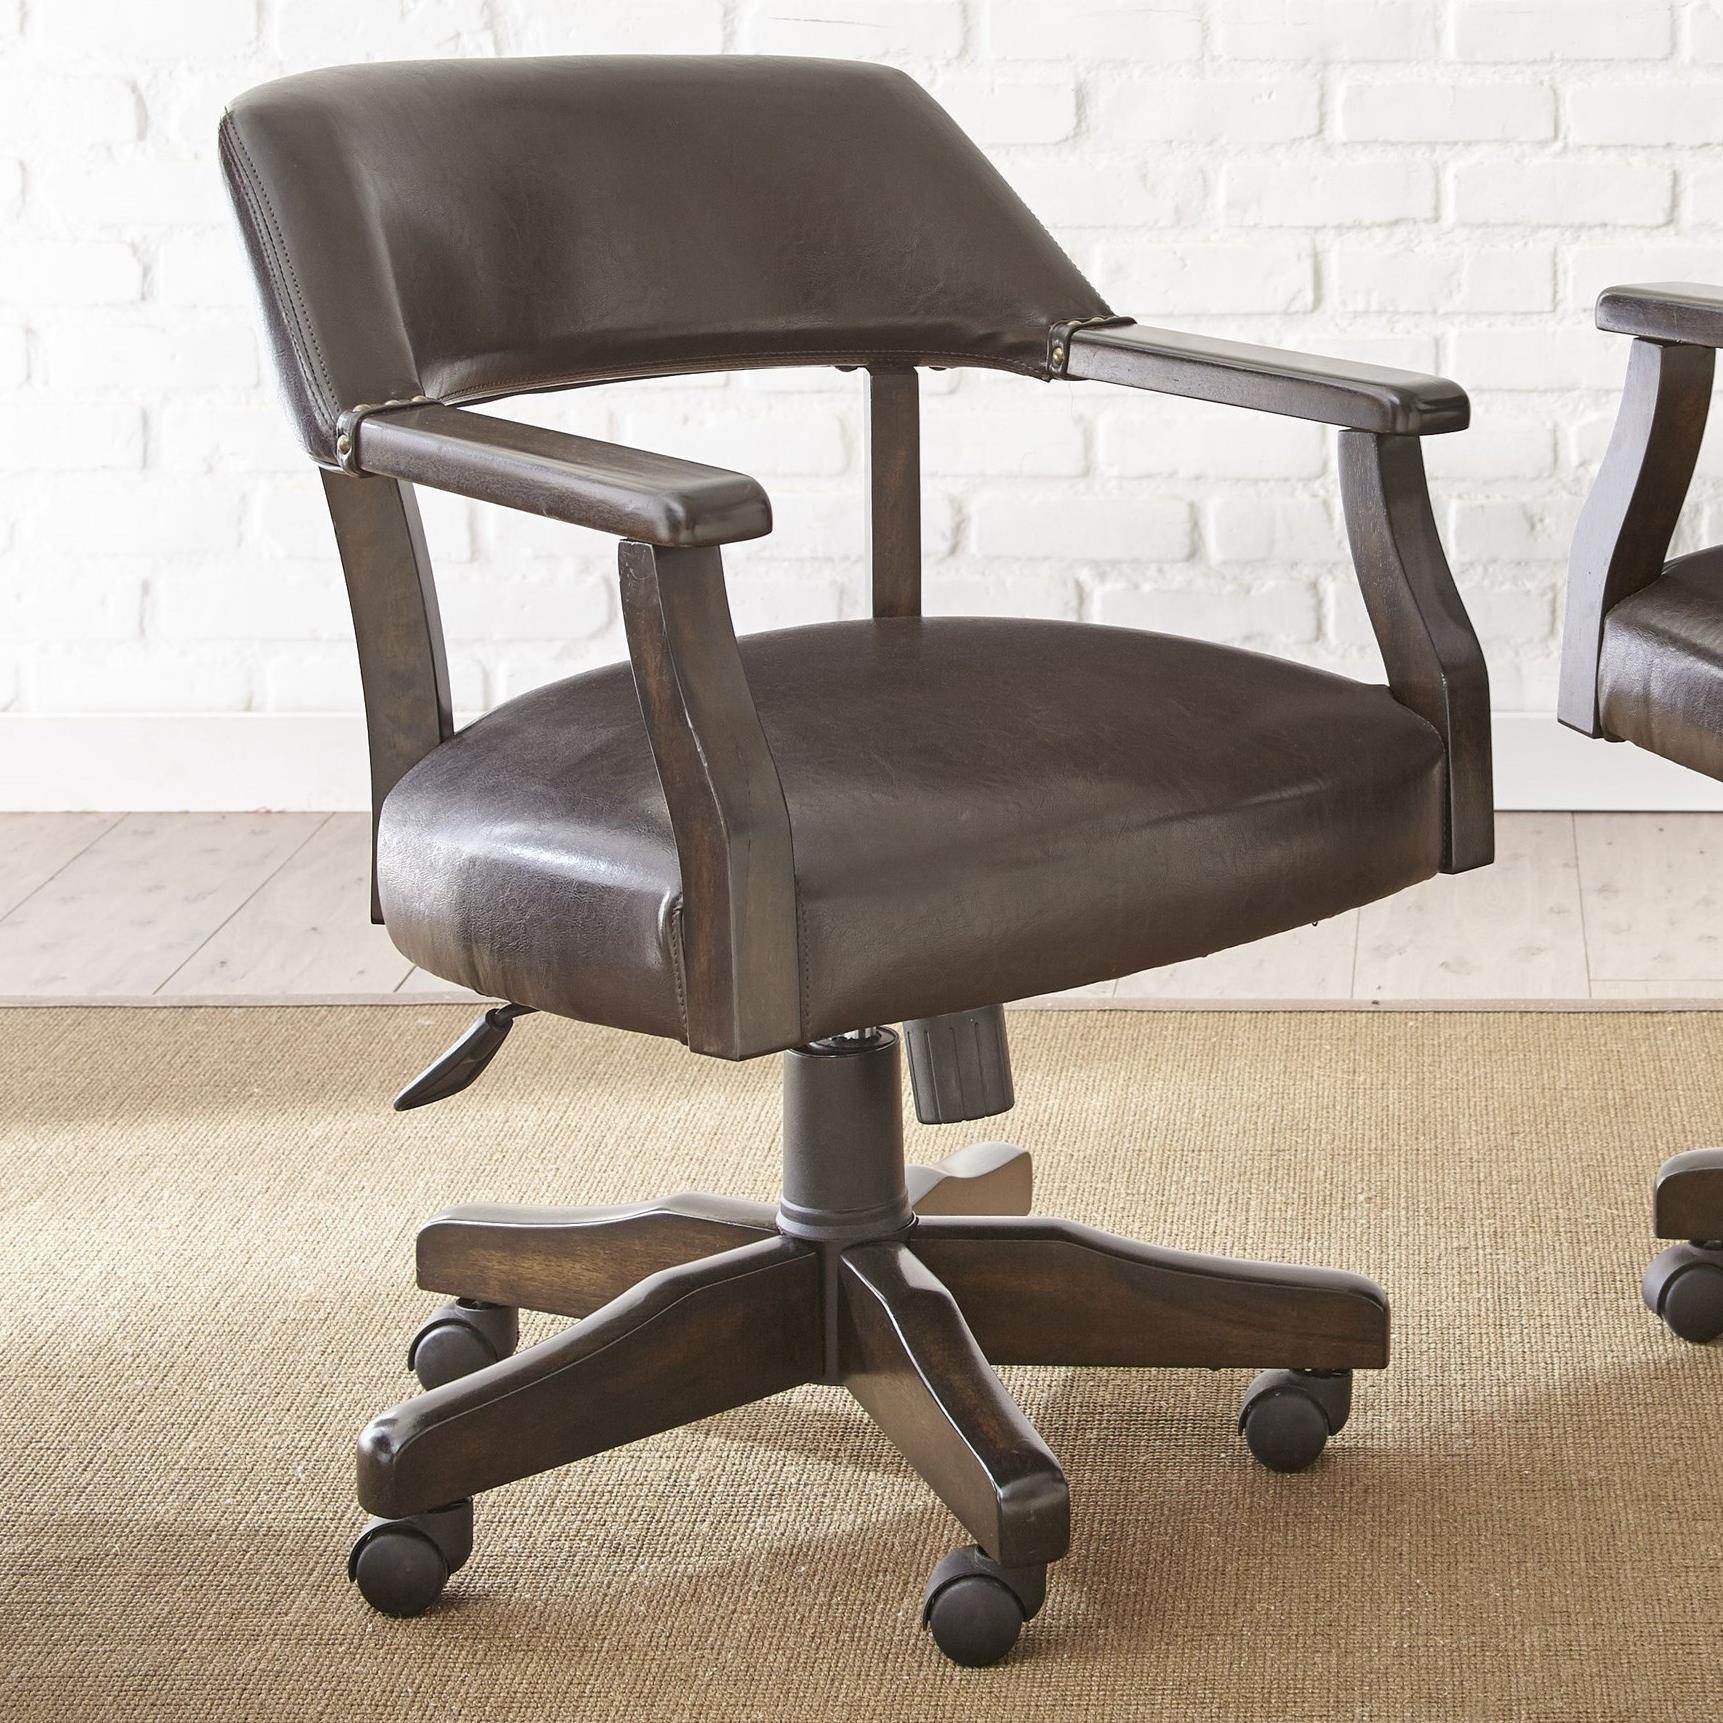 Arm Chair with Nailhead Trim